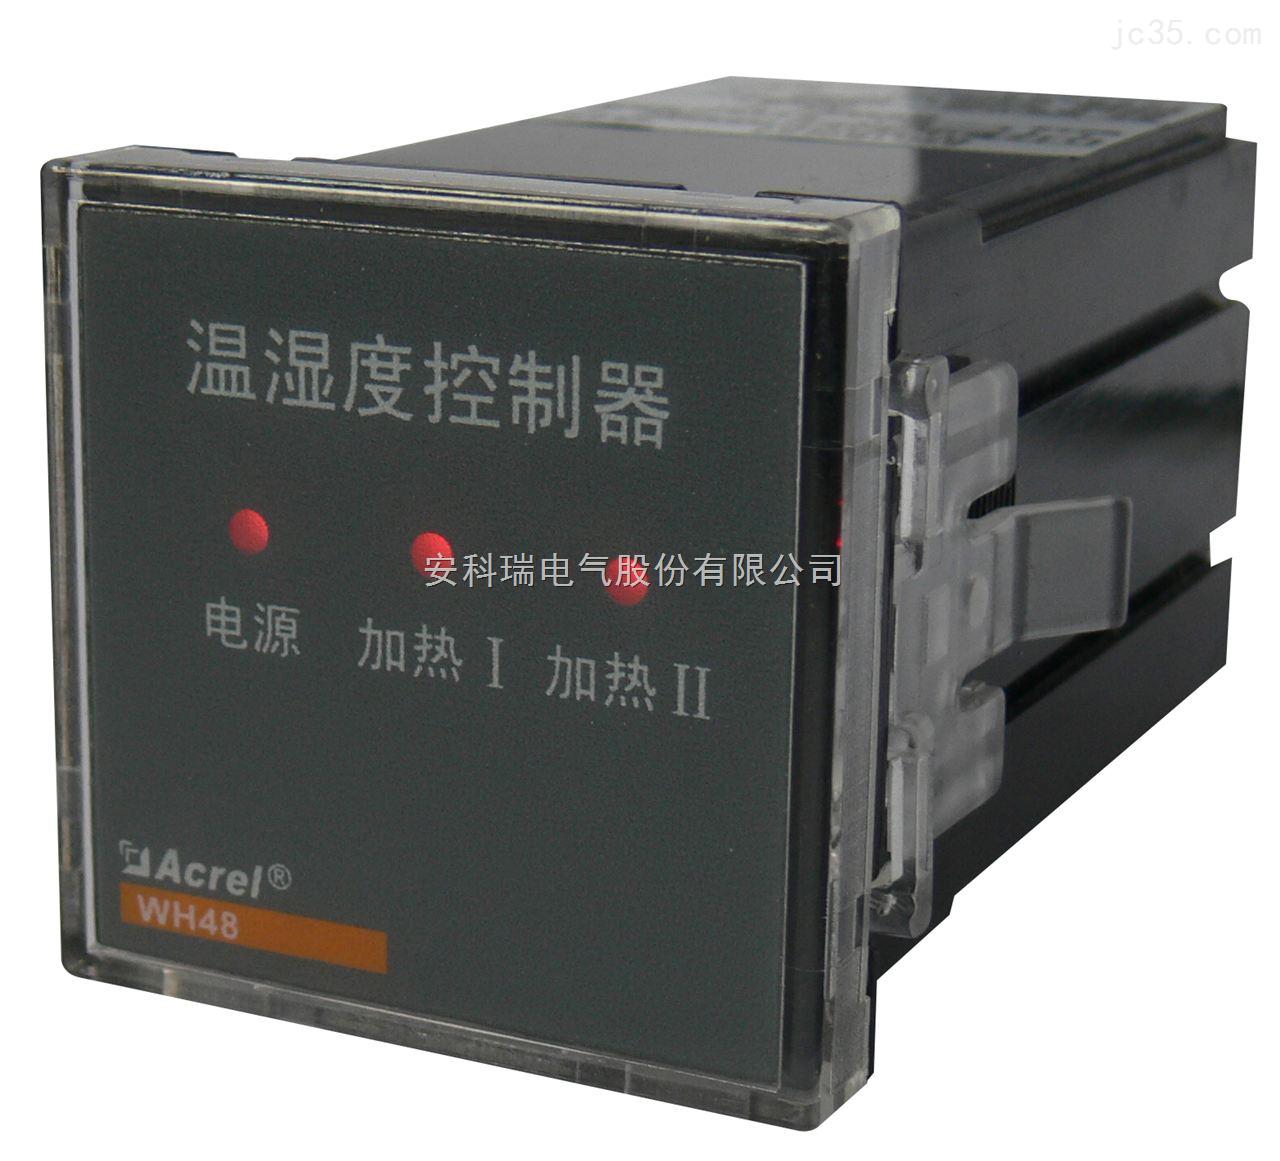 安科瑞智能型可操作温湿度控制器WHD48-11厂家价格